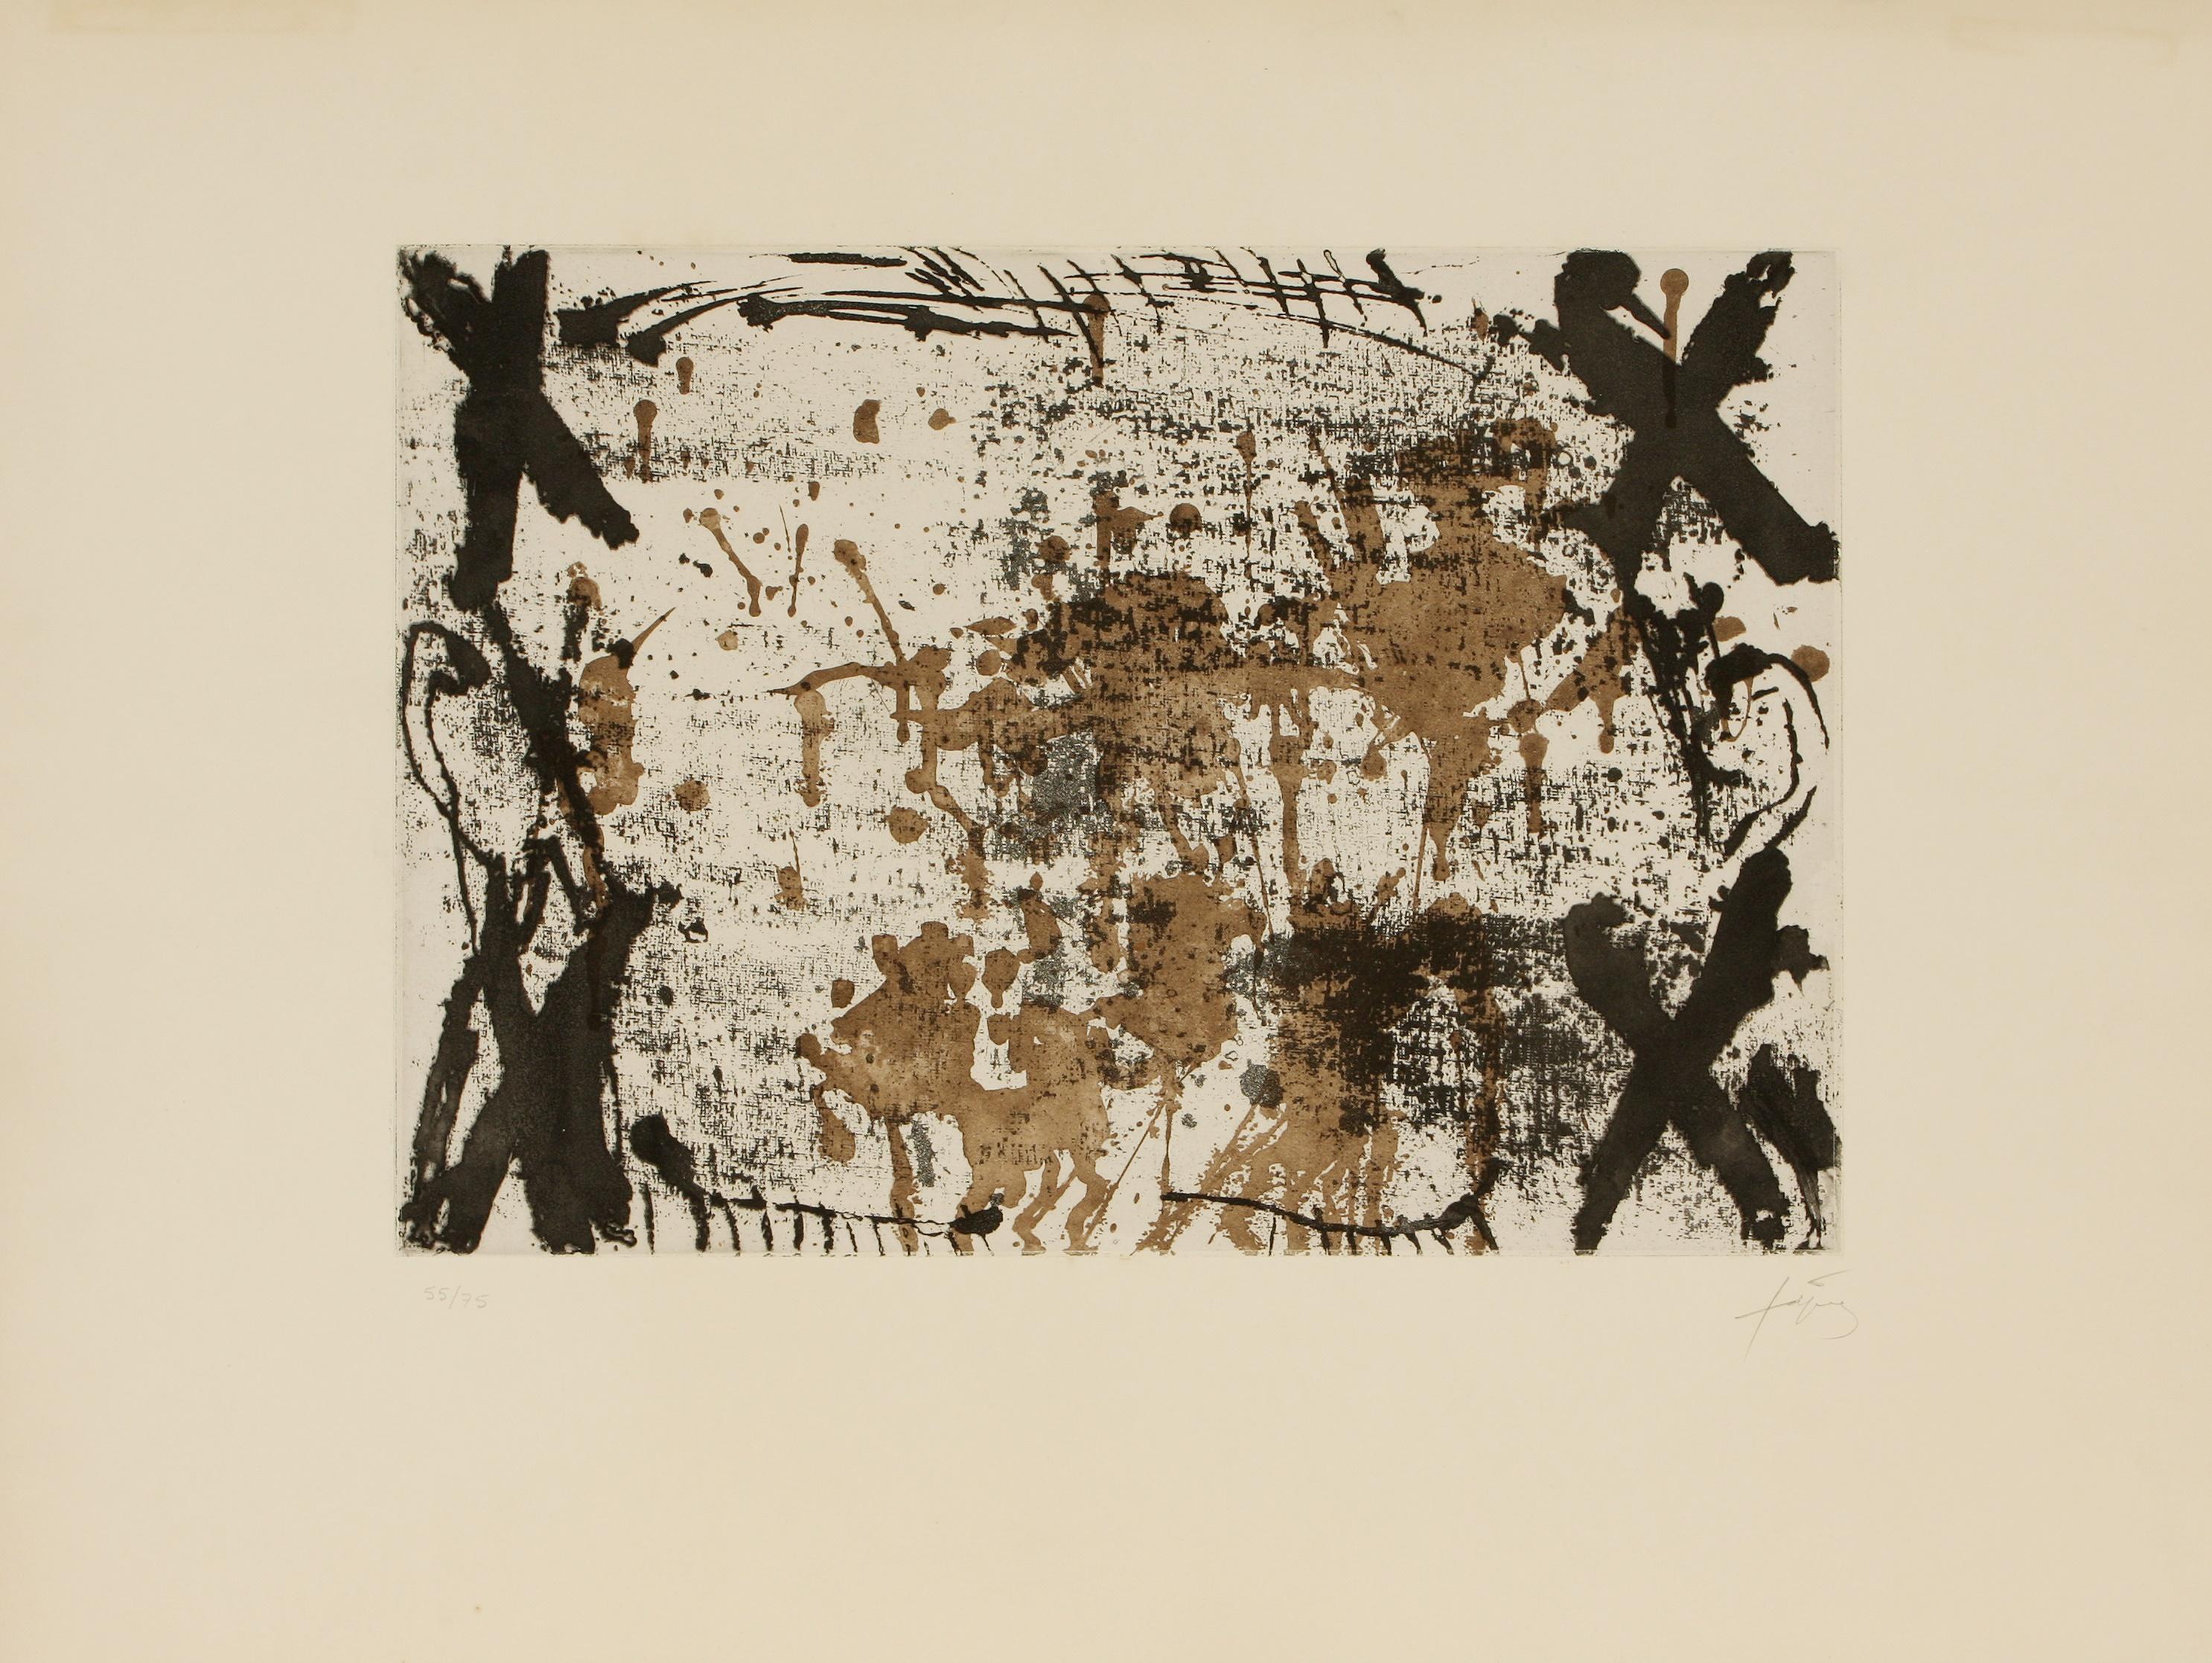 Antoni Tàpies (Spain 1923-2012) Les Quatre Croix (The Four Crosses), 1969